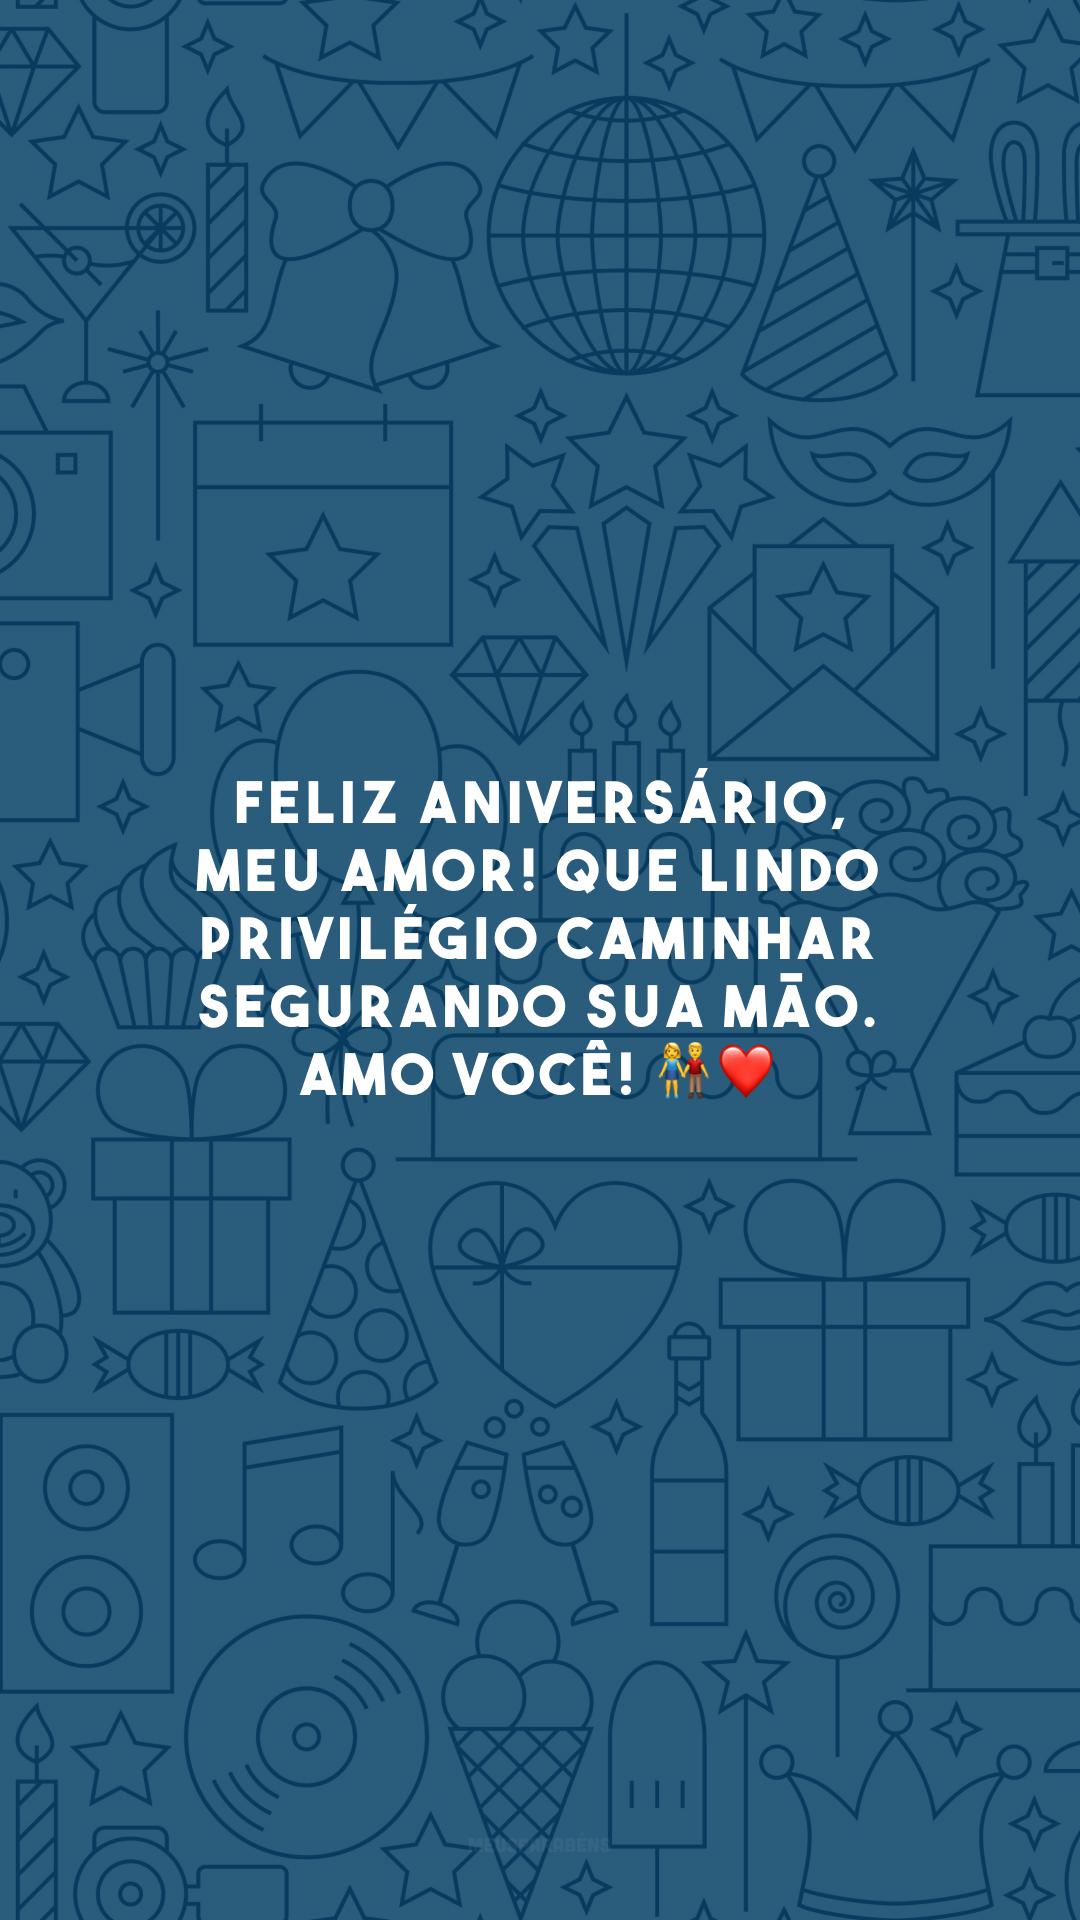 Feliz aniversário, meu amor! Que lindo privilégio caminhar segurando sua mão. Amo você! 👫❤️